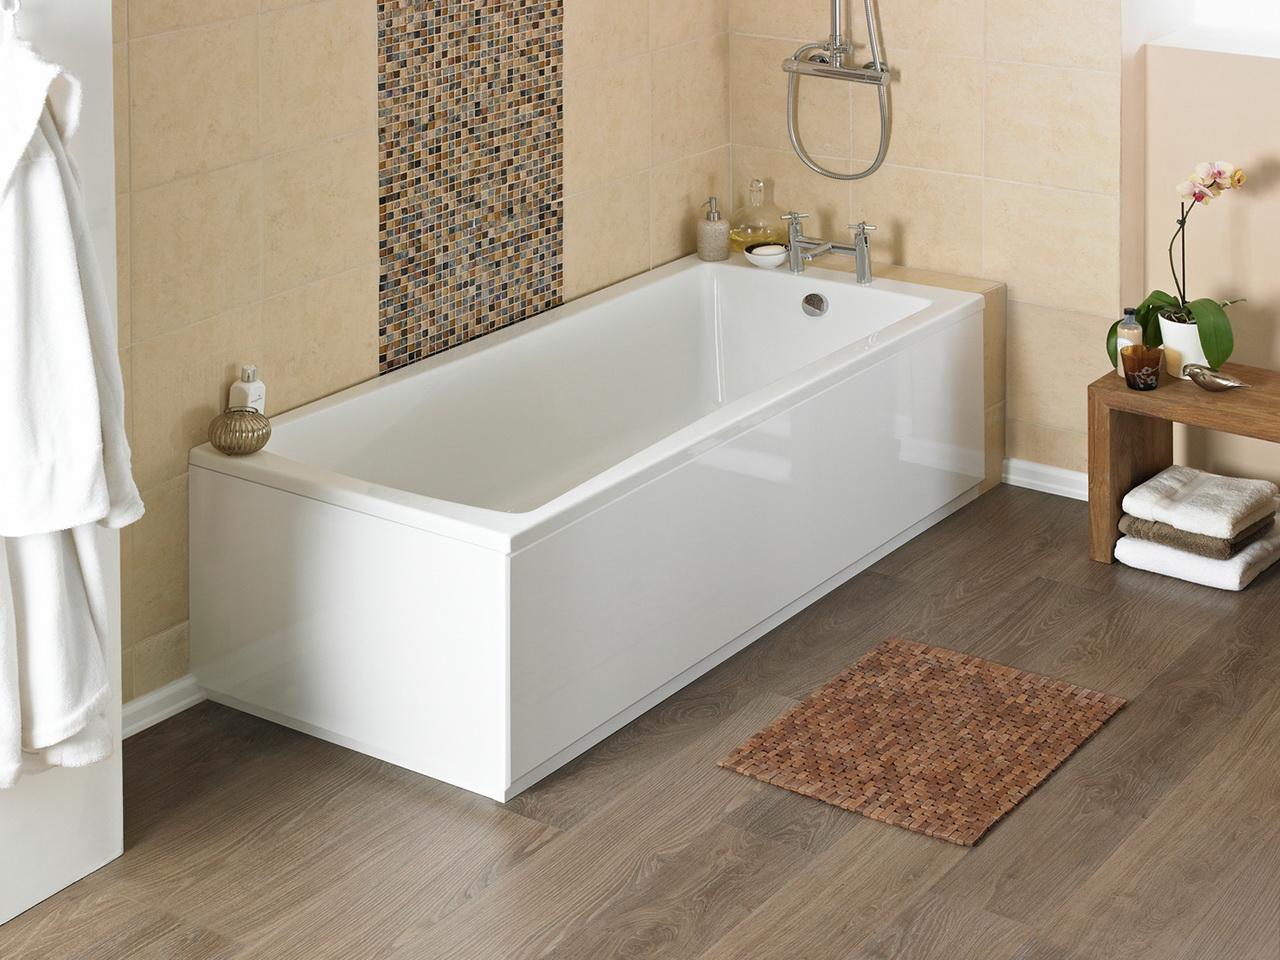 Выбор акриловой ванны: подходим к вопросу скрупулезно